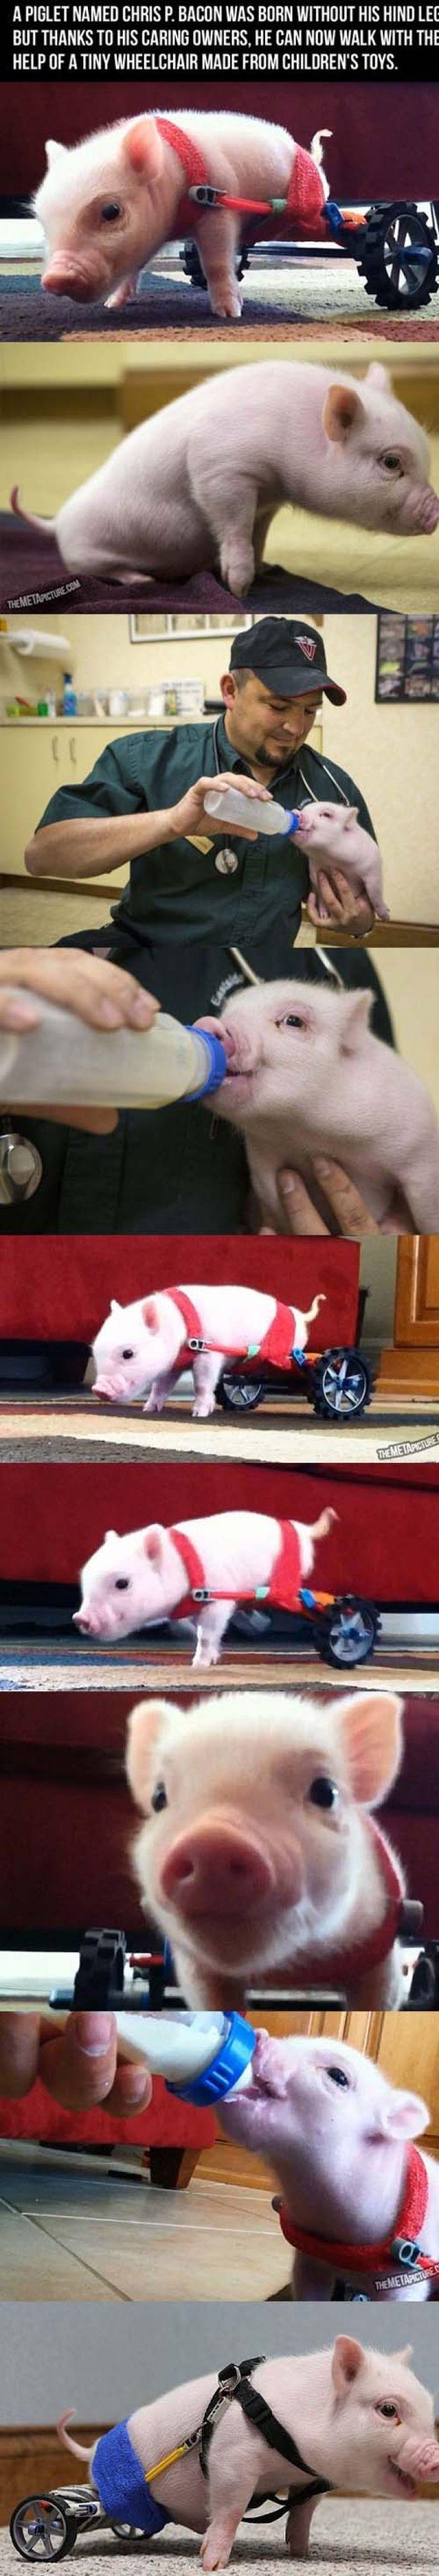 A #piglet name Chris P #Bacon